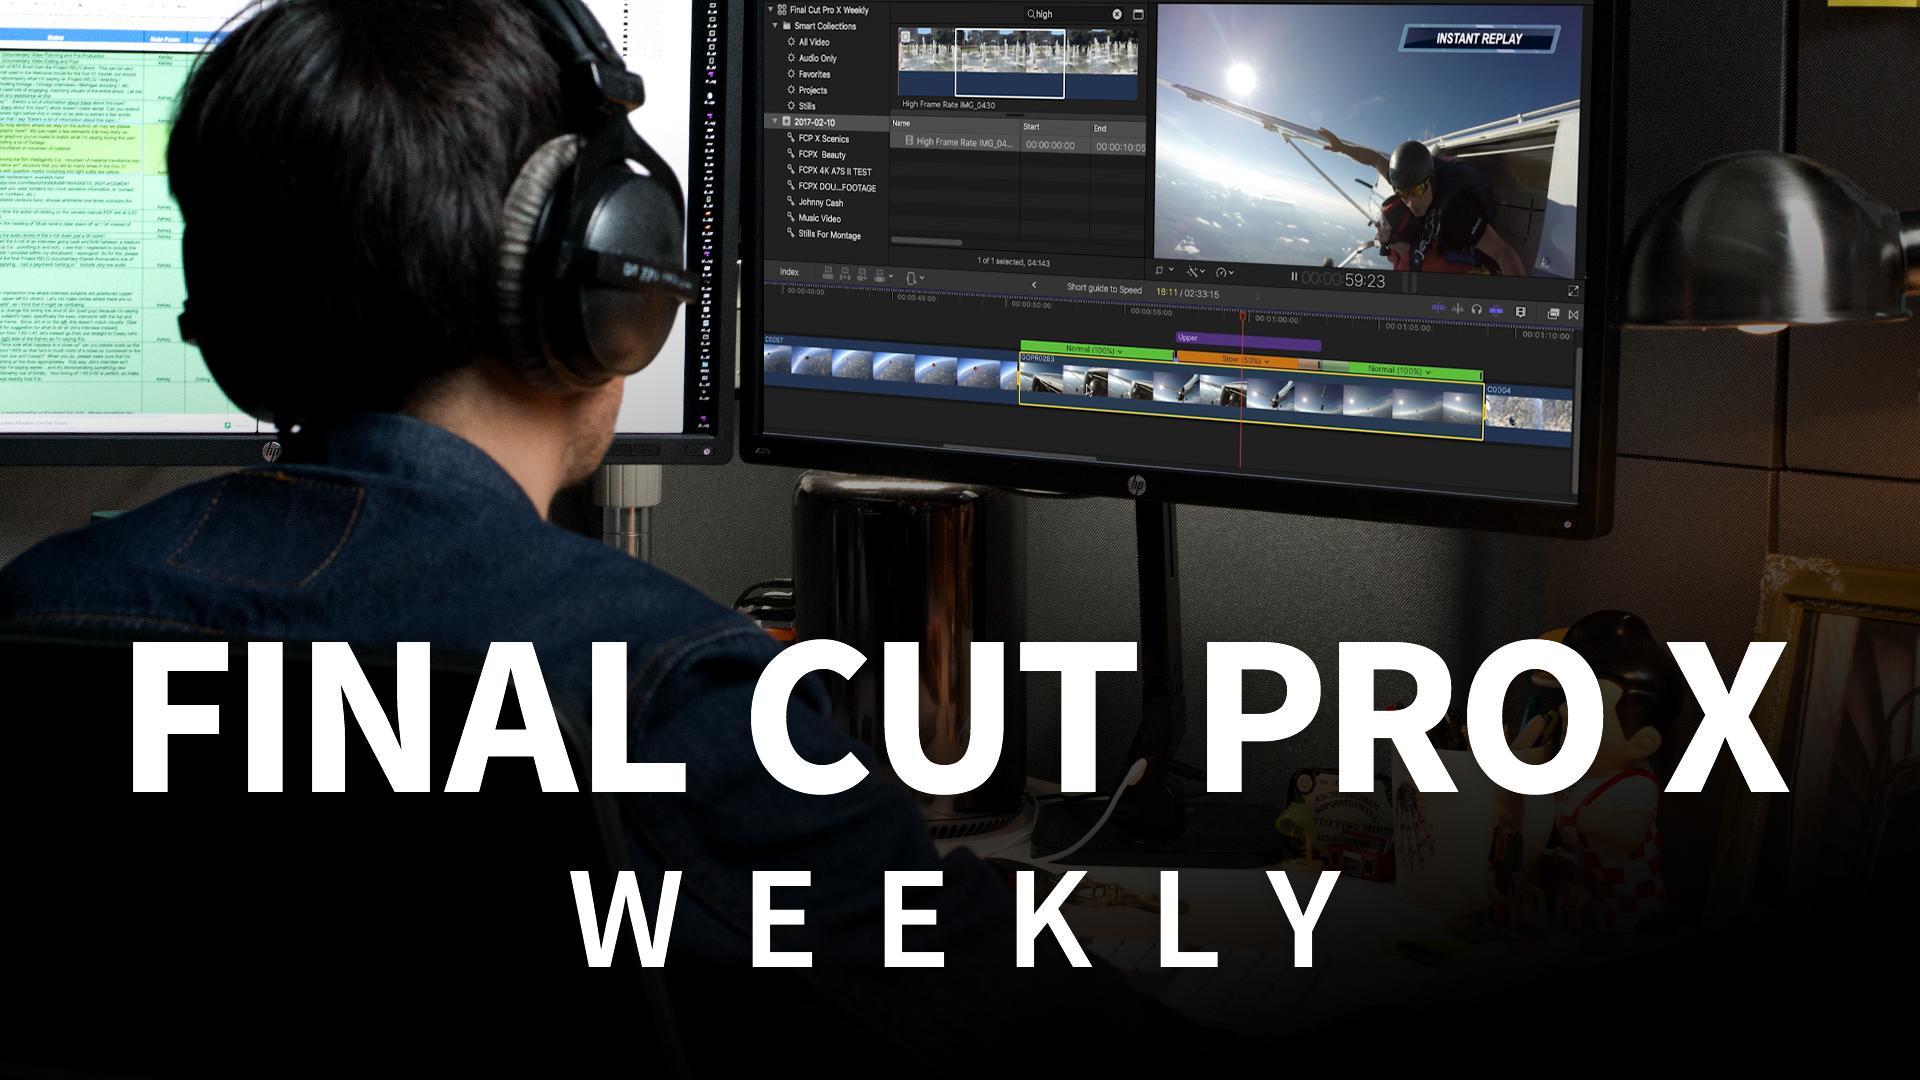 Final Cut Pro X Weekly